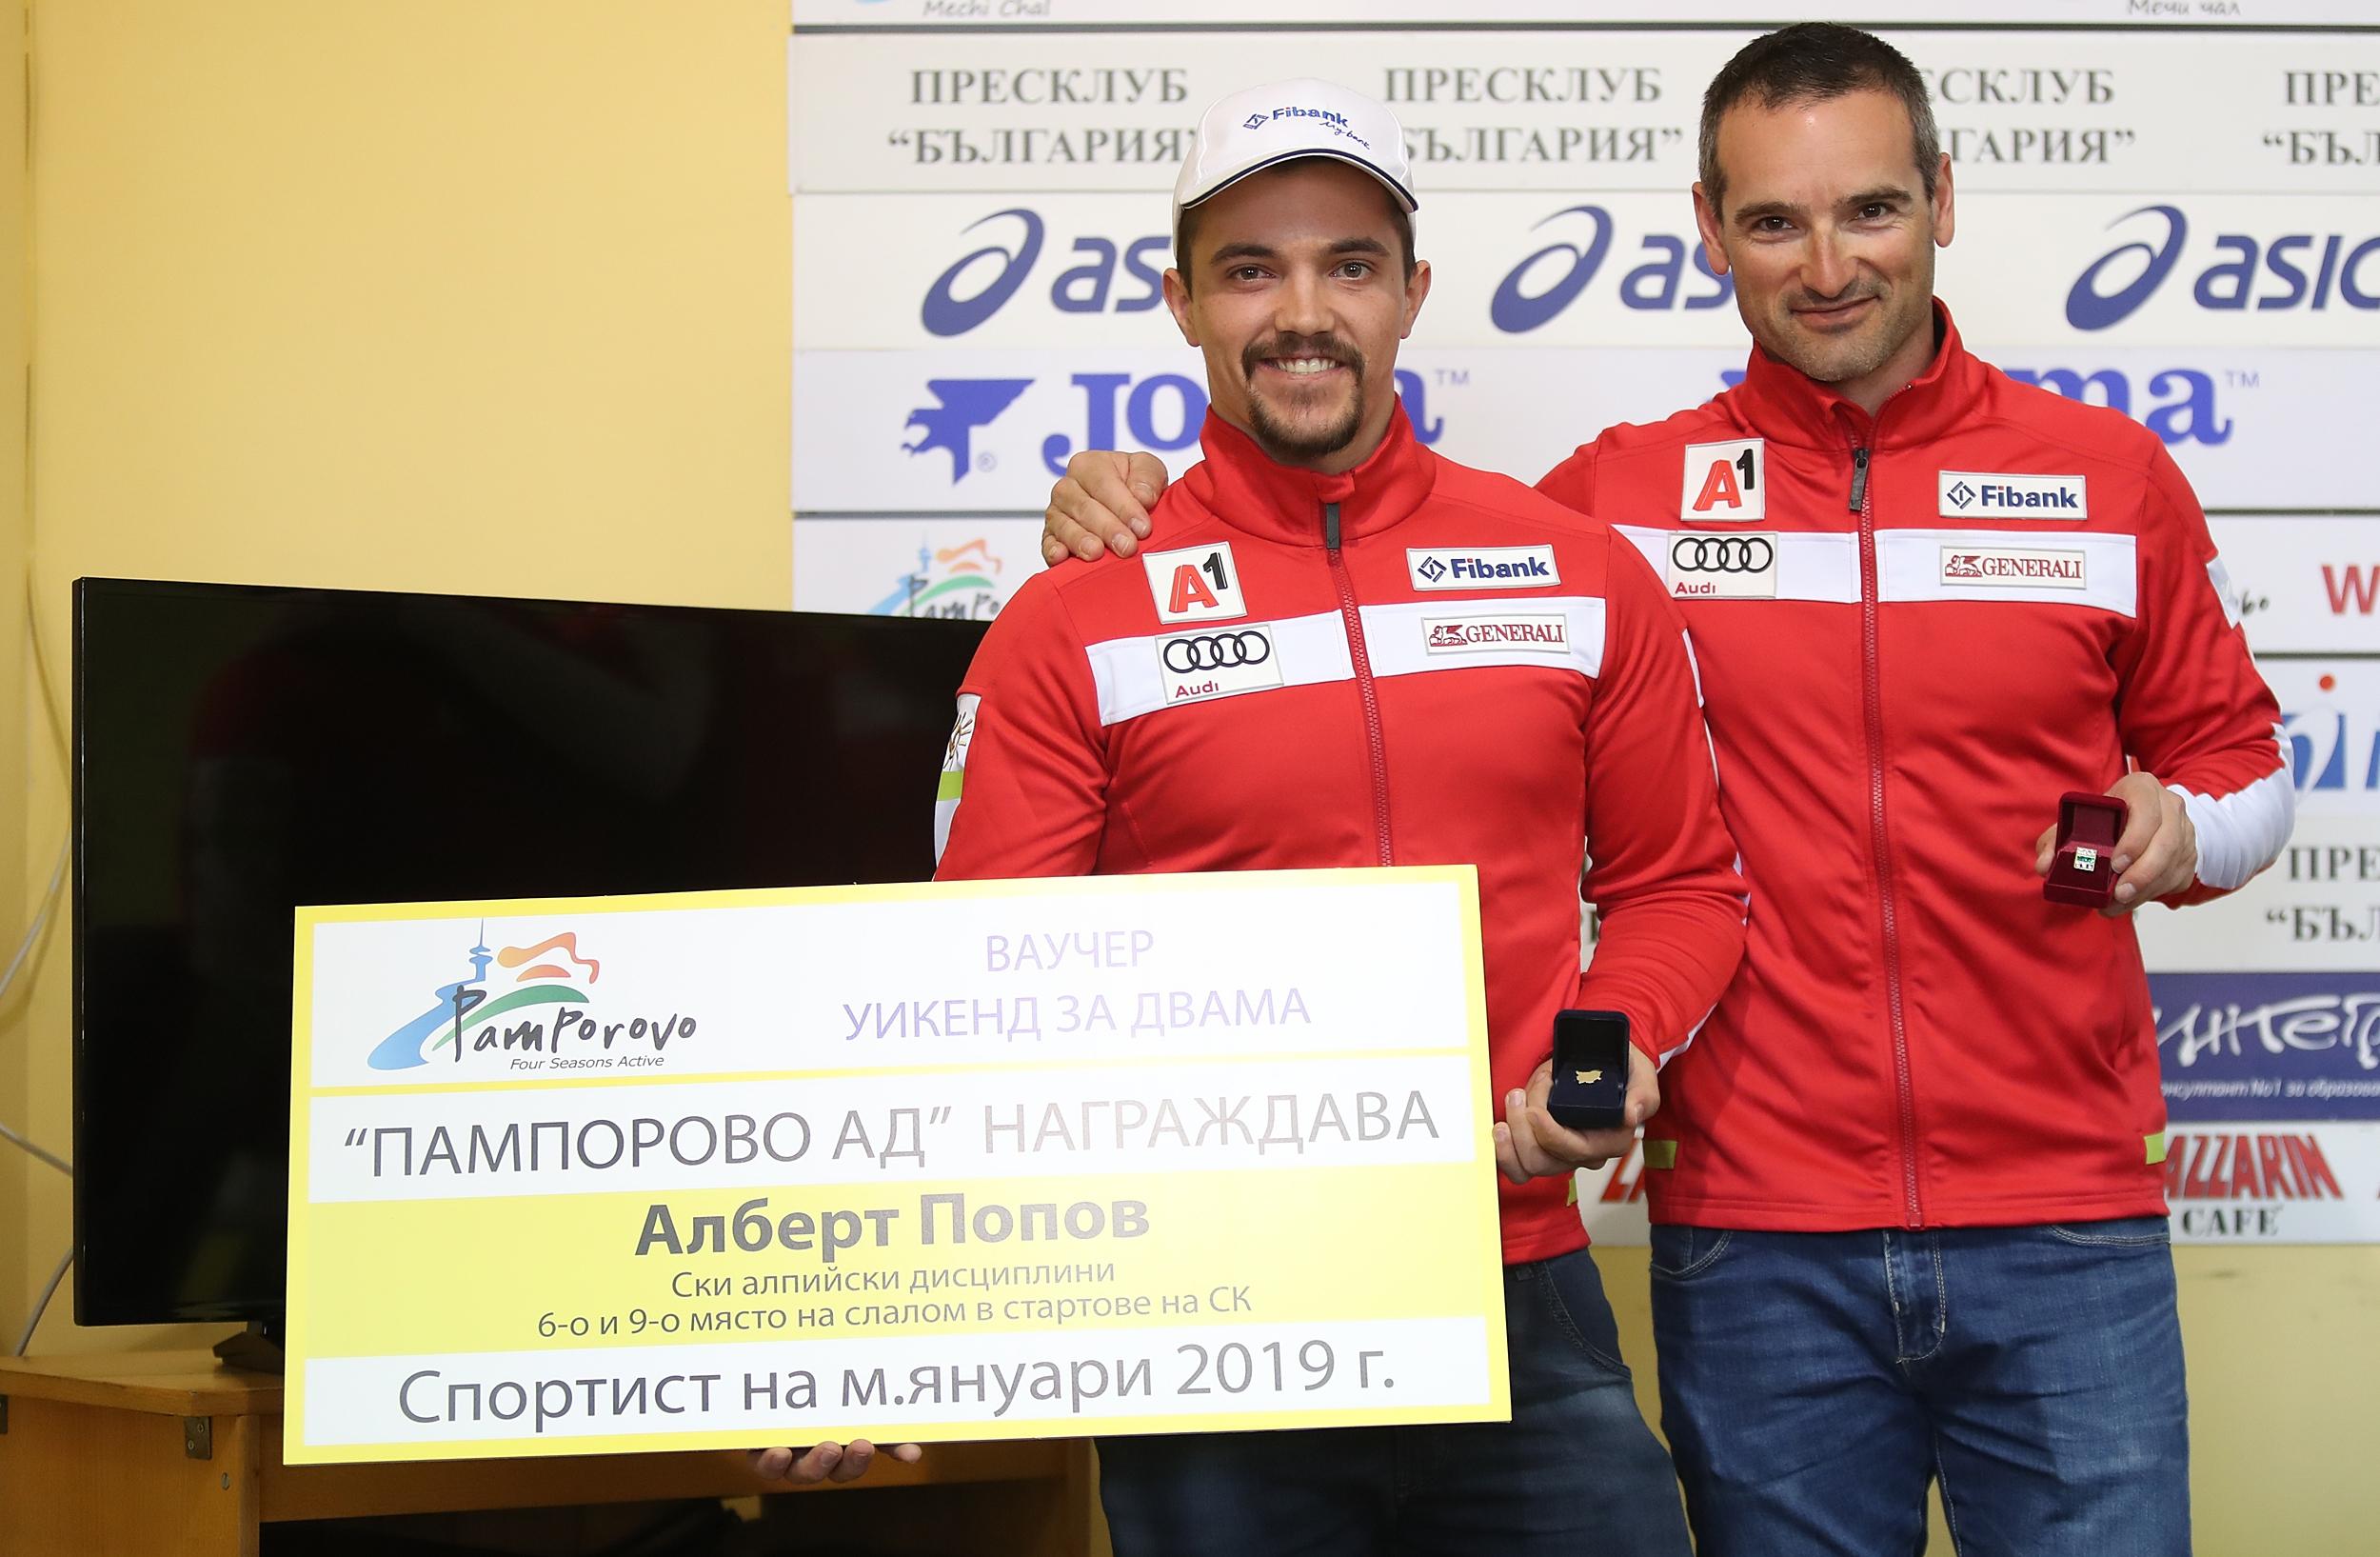 """На специална церемония в Пресклуб """"България"""" най-добрият ни скиор Алберт"""